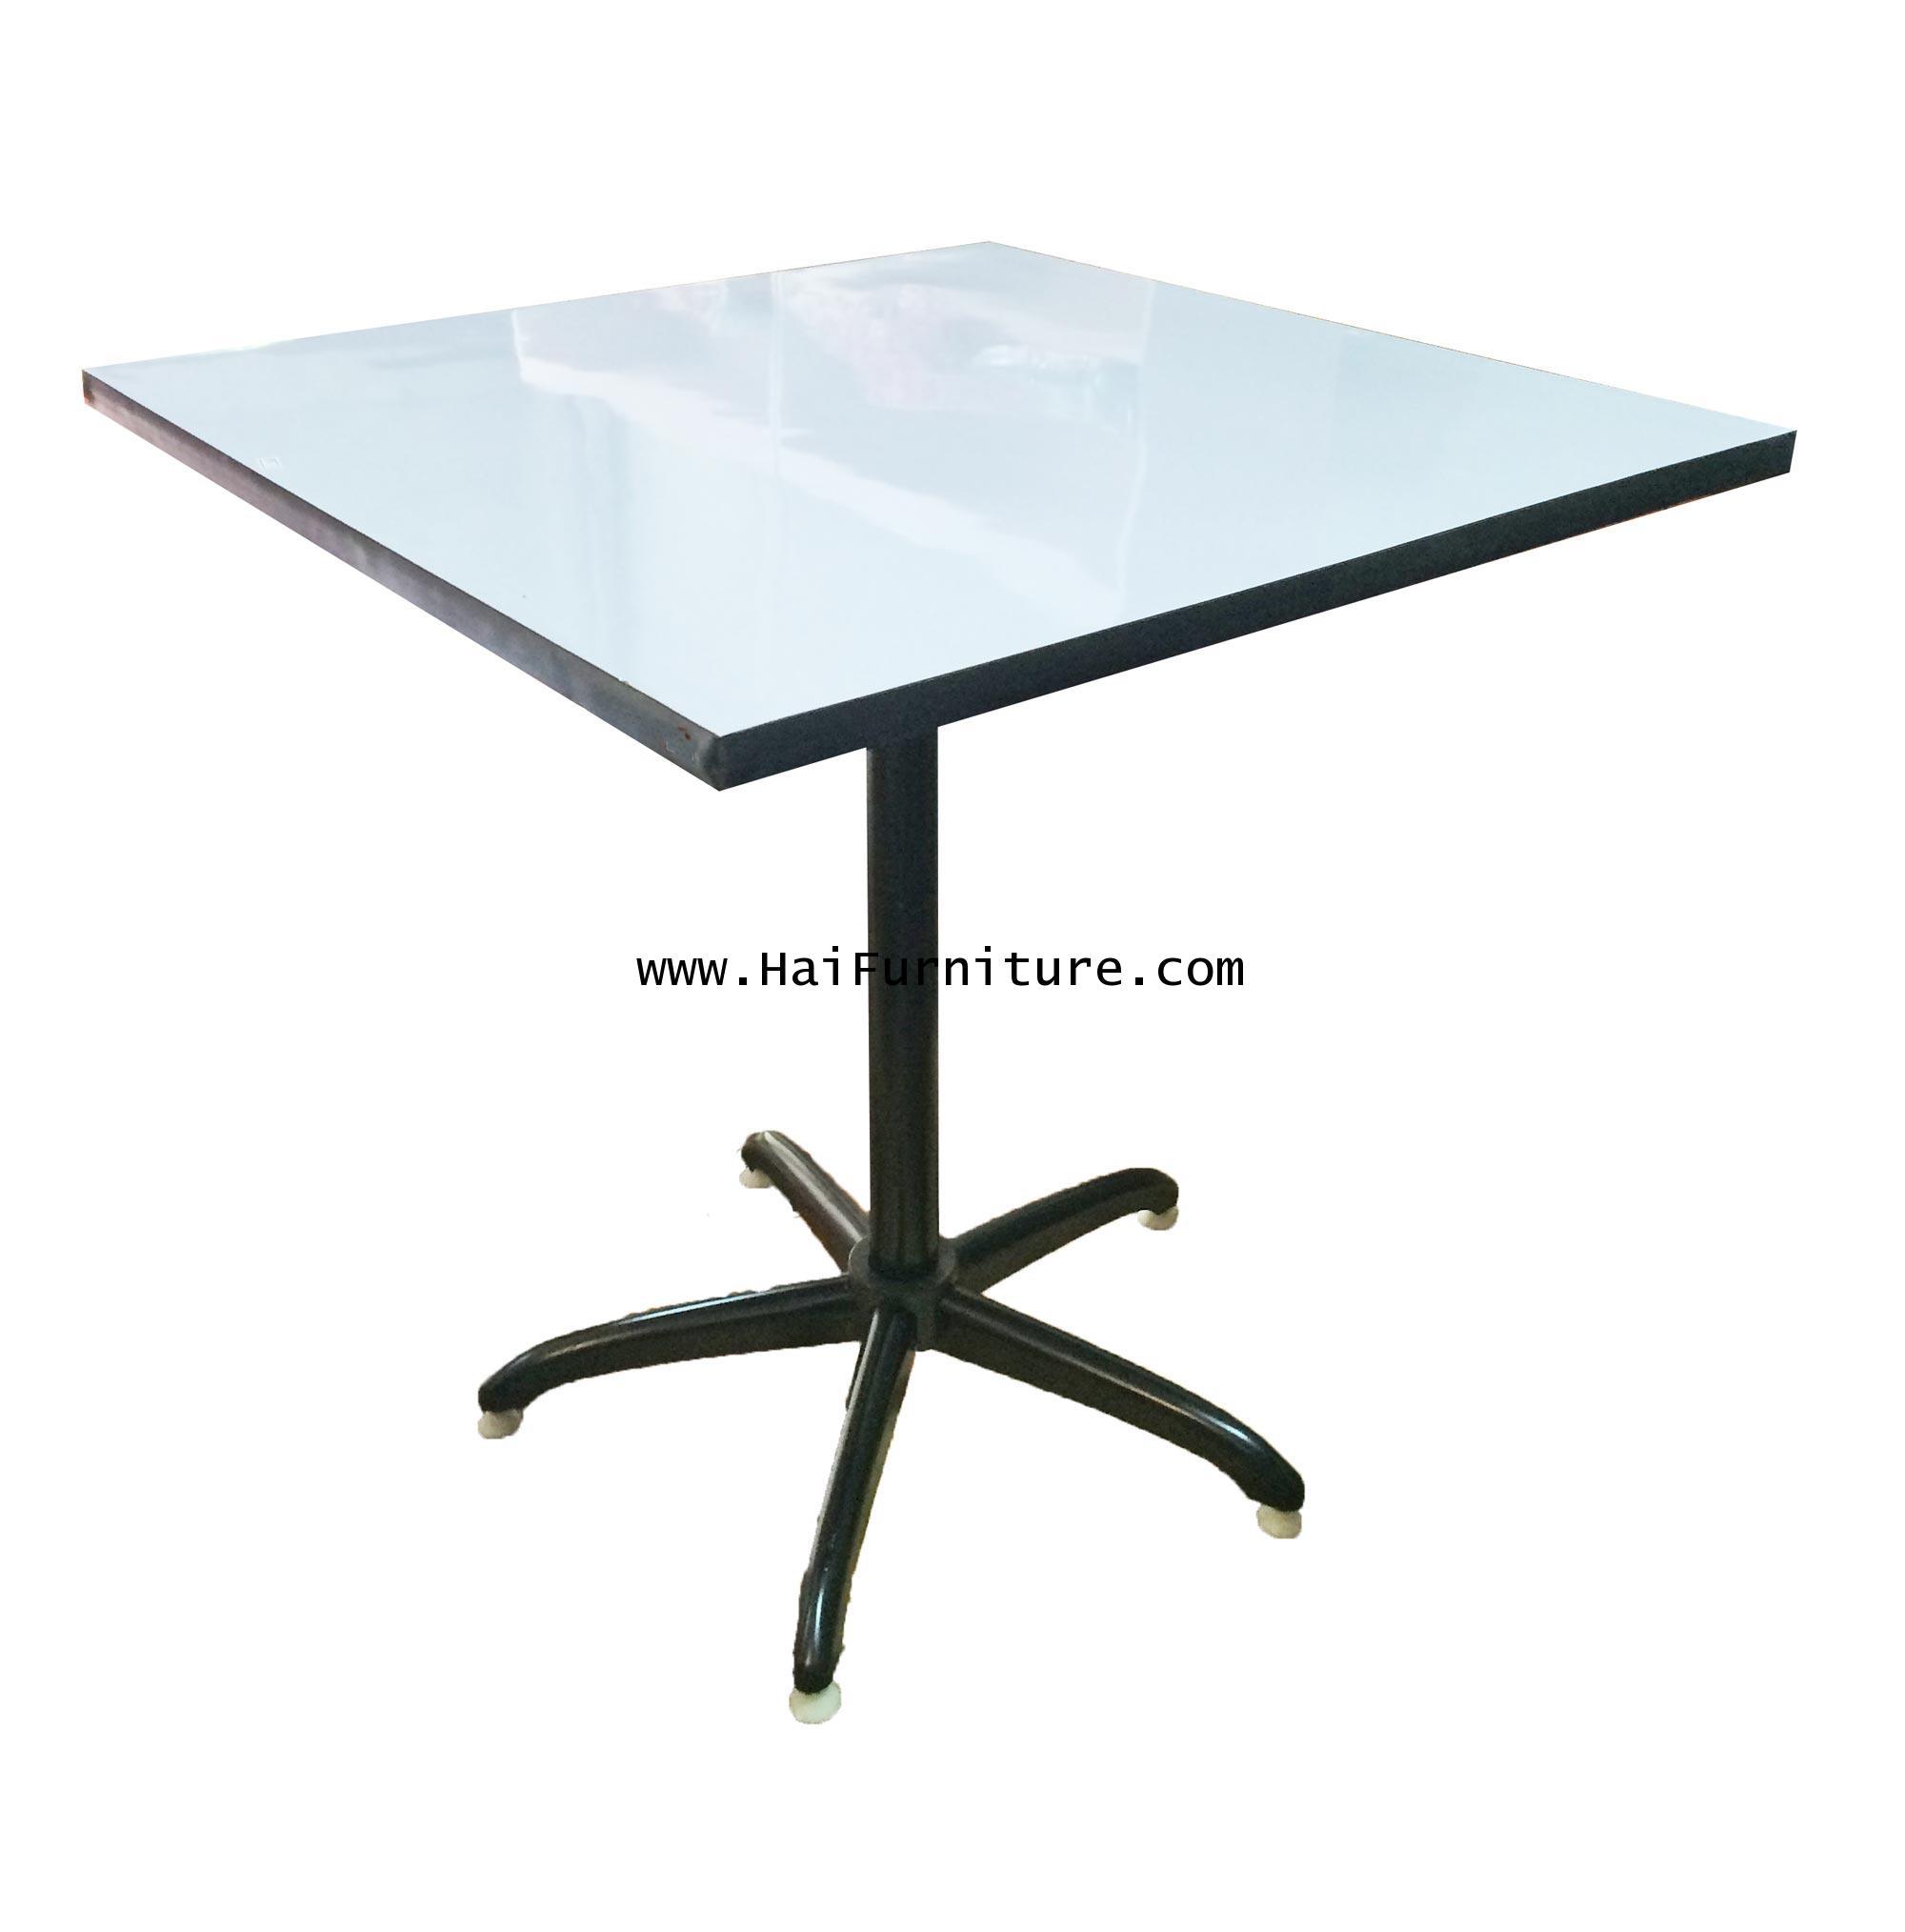 โต๊ะสี่เหลียม ขาเดี่ยว หน้าโฟเมกา 75 ซม.